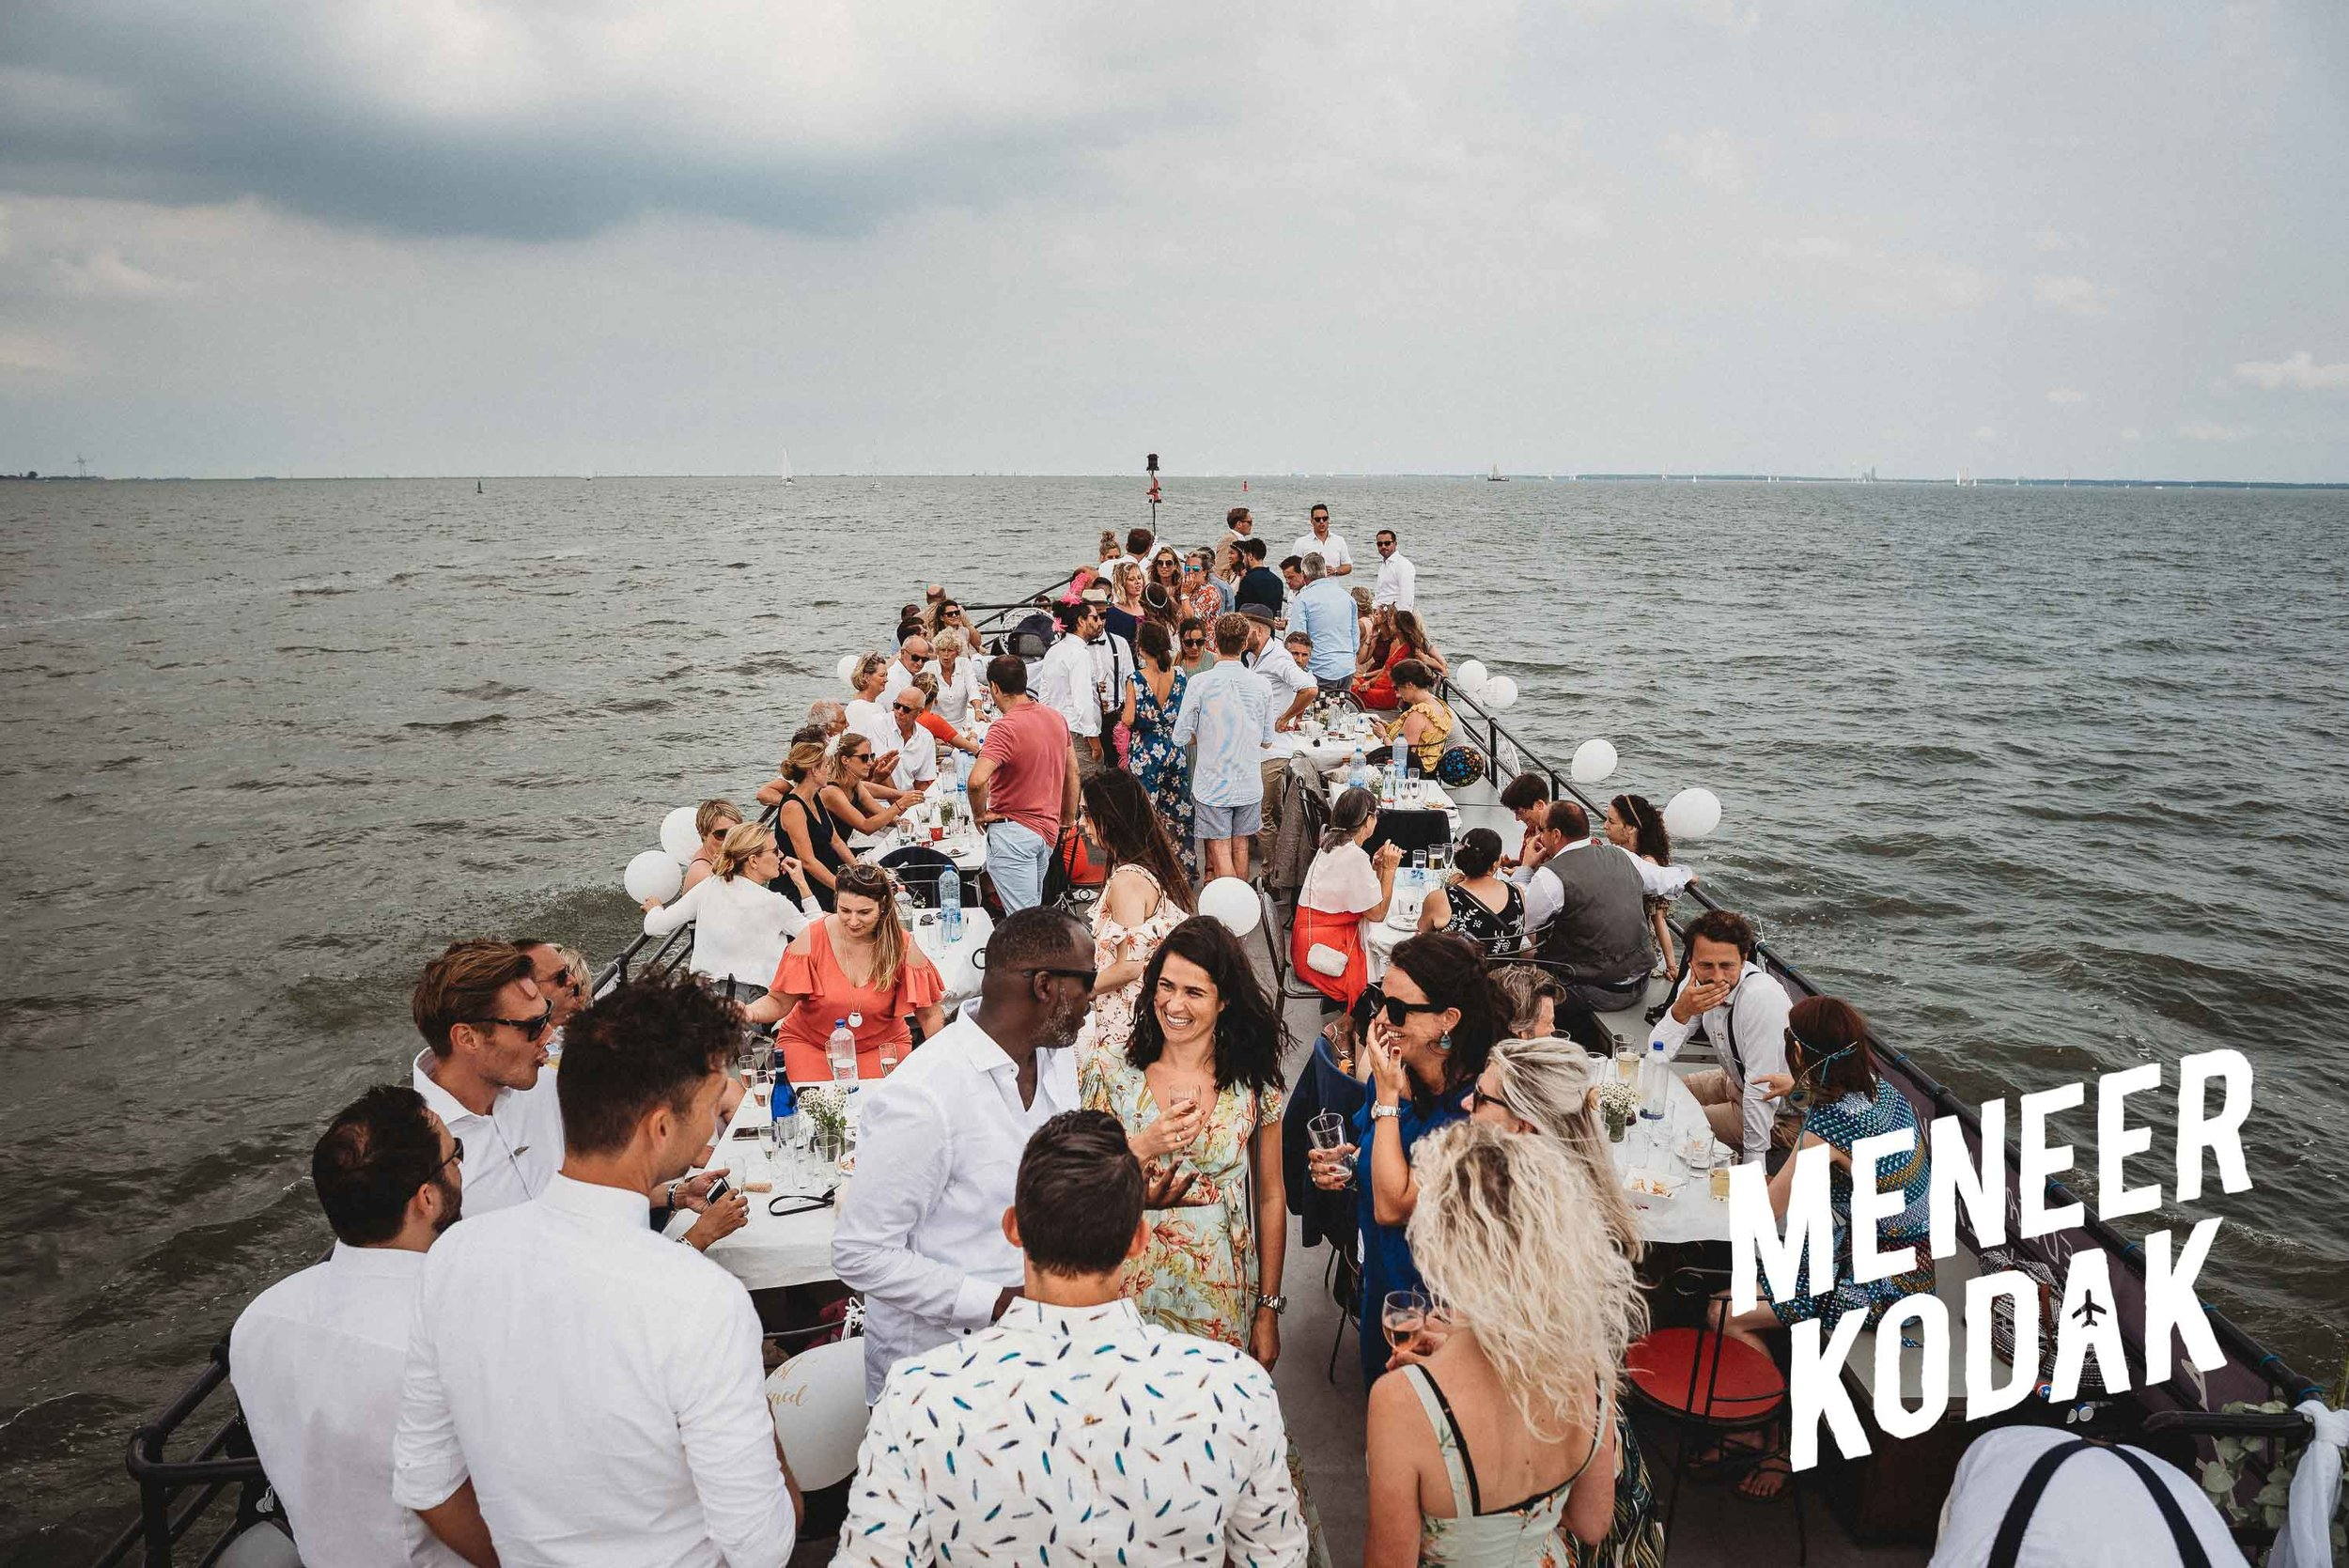 Meneer Kodak - Trouwfotograaf - Amsterdam - H&T-078.jpg